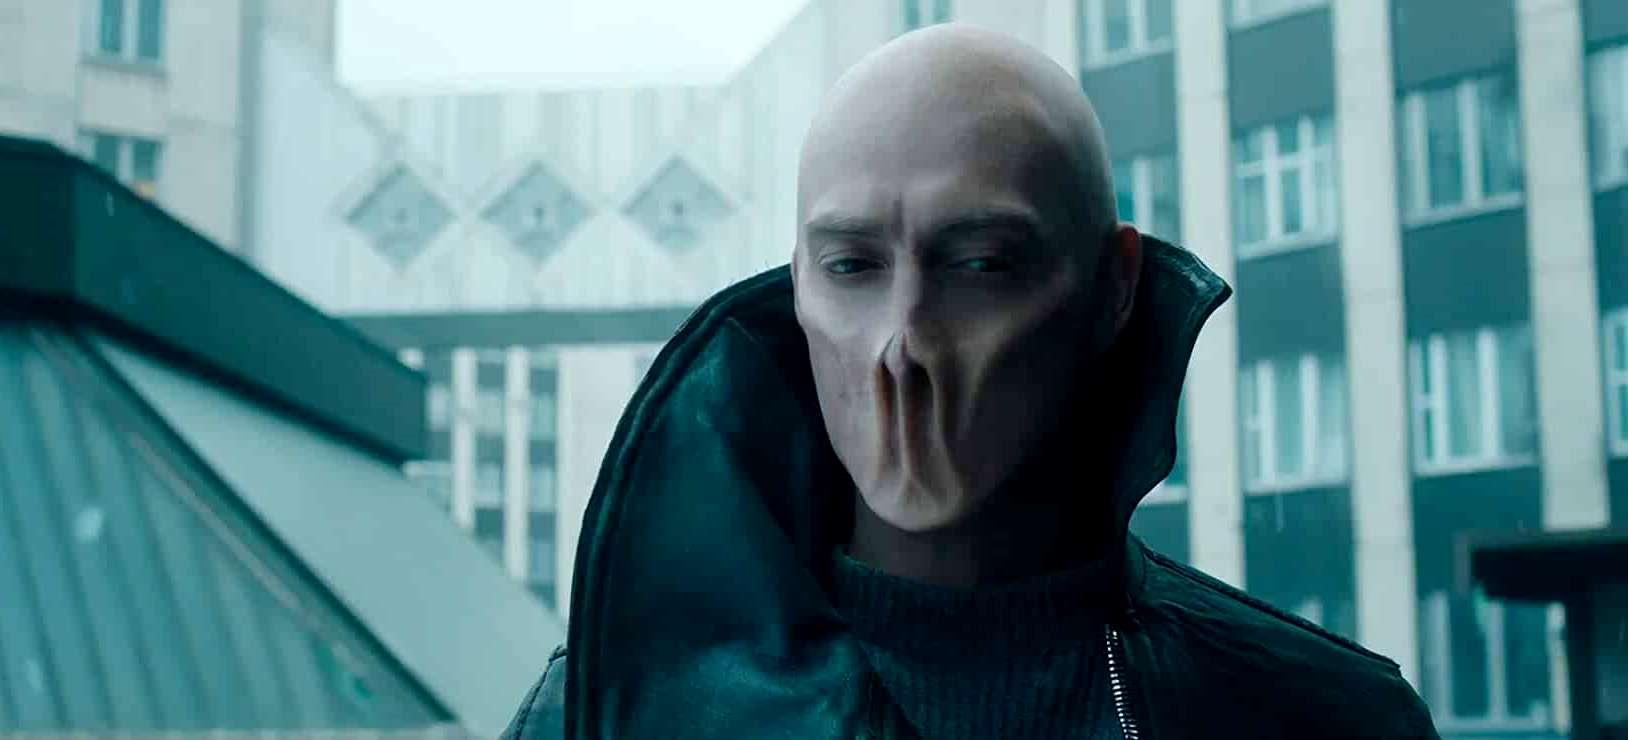 Artyom Tkachenko as the alien Id in The Blackout (2019)